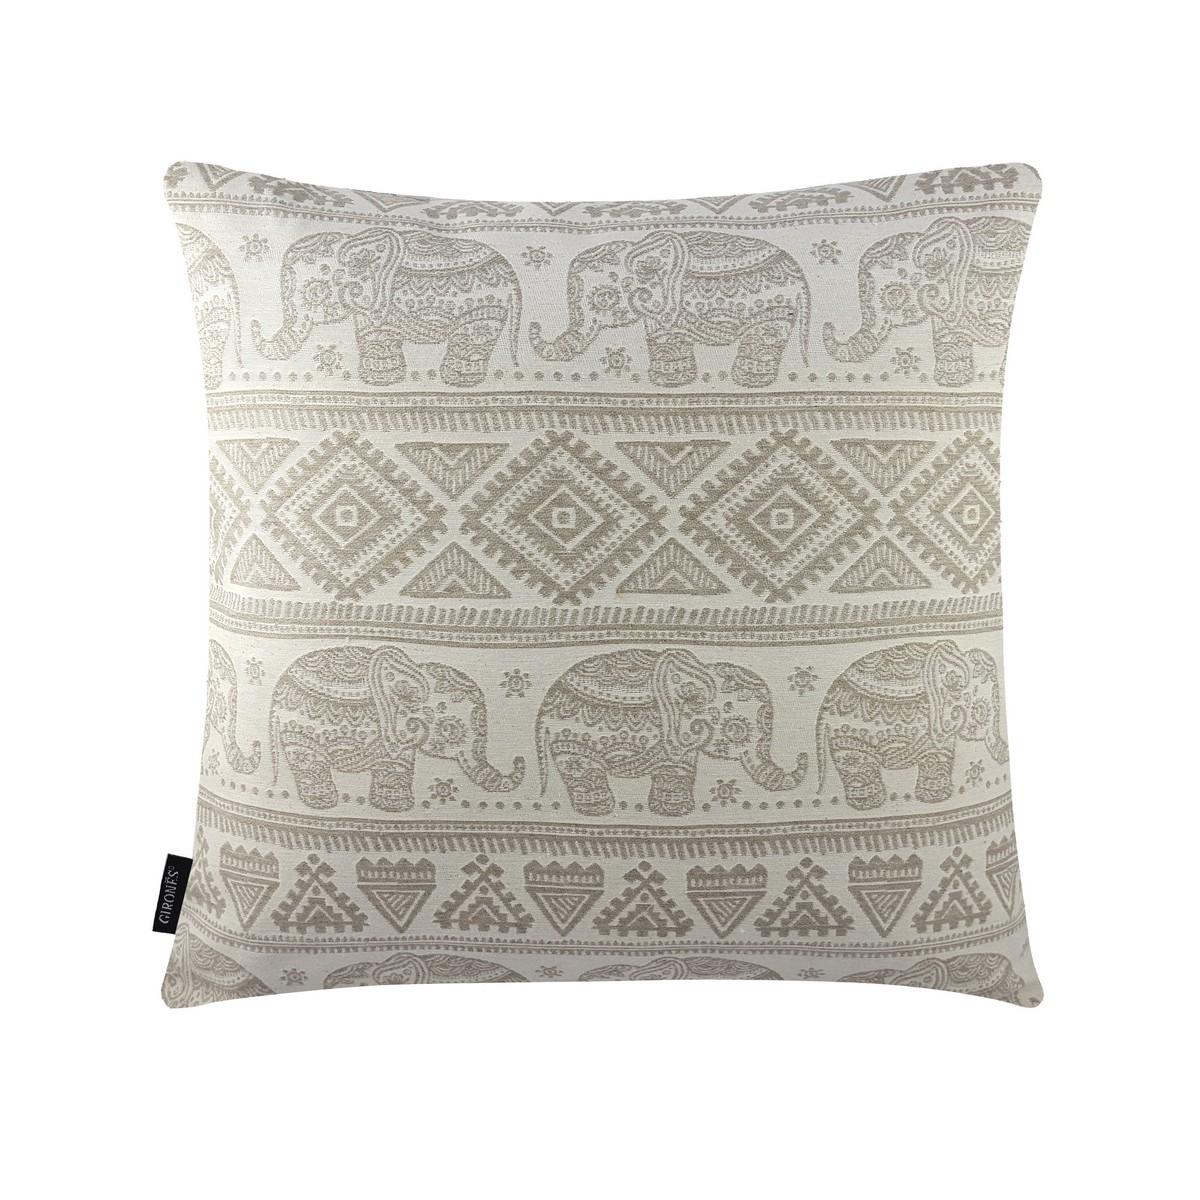 Carole Elephant Cream Color Cushion Cover